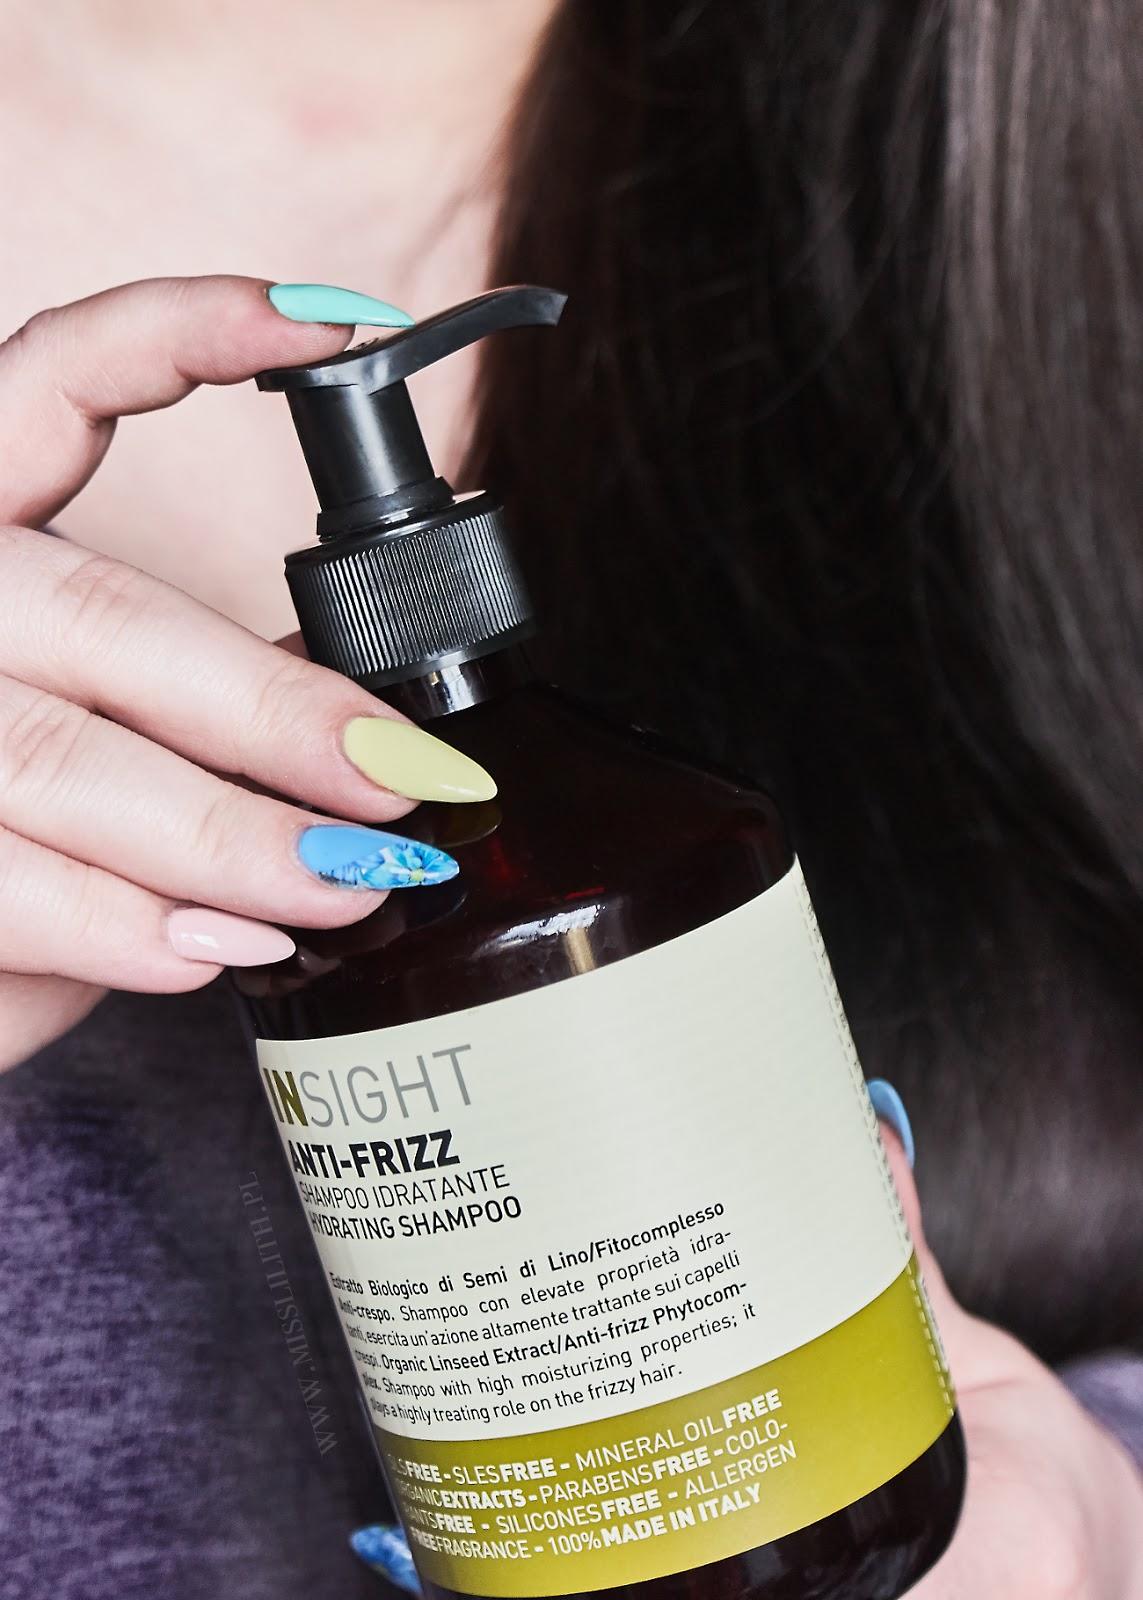 Kosmetyki Insight, nawilżająca maska szampon odżywka Anti-Frizz blog opinie